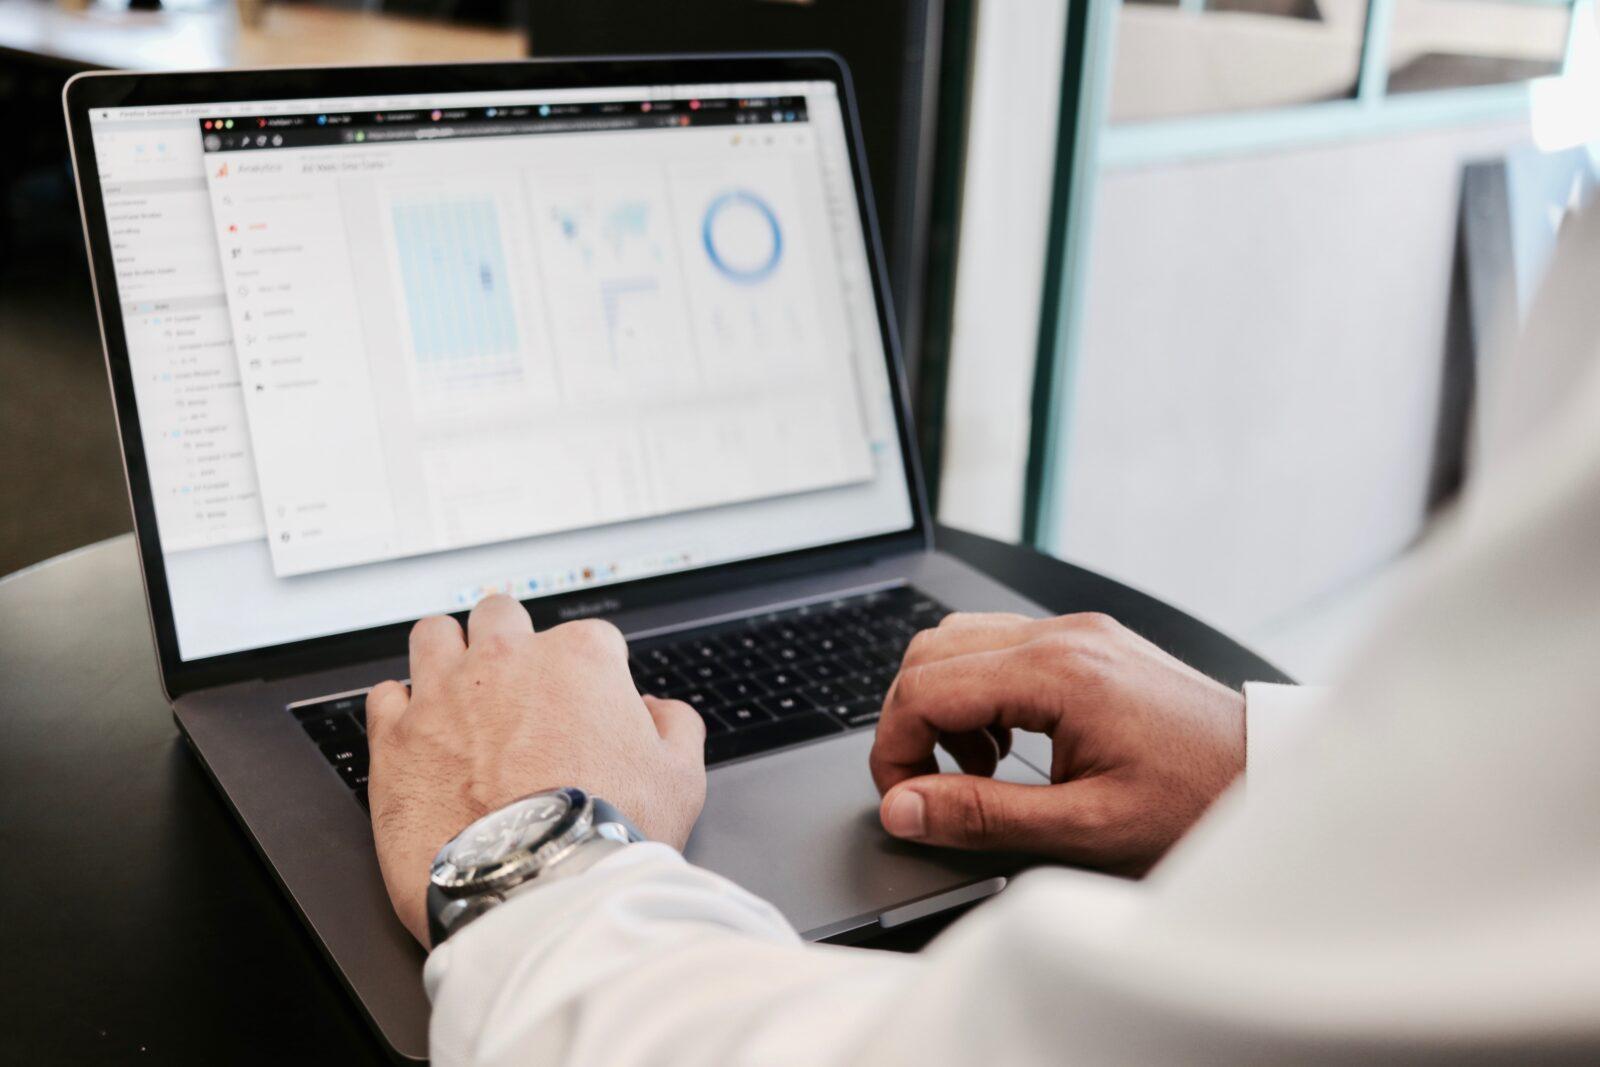 Arbejdsgivere kan på anmodning fra Statens Serum Institut videregive medarbejderes personoplysninger